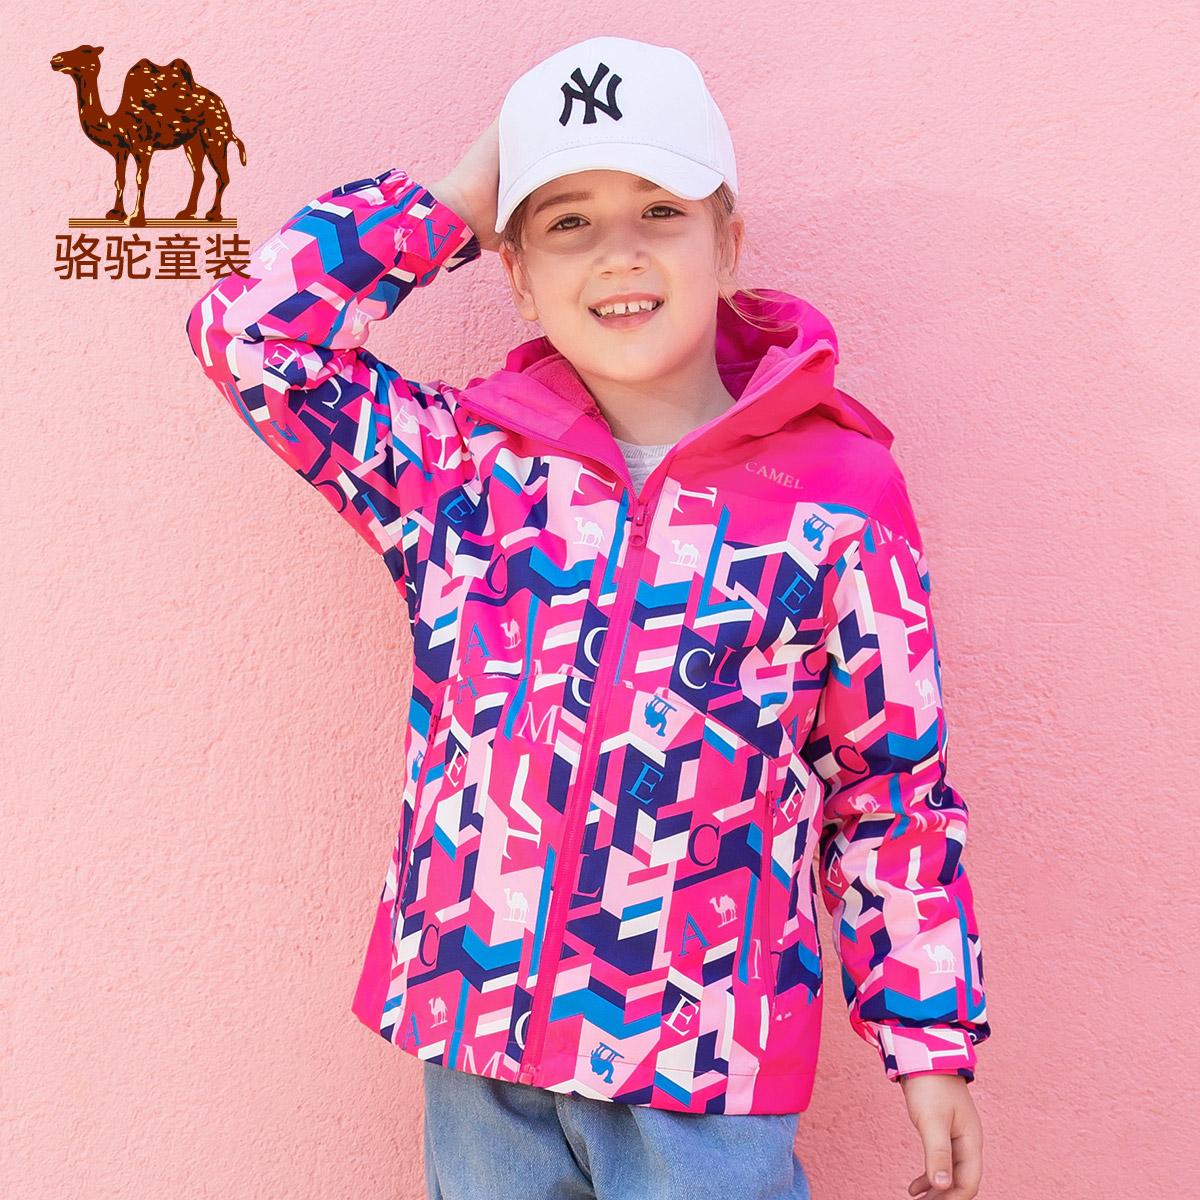 骆驼童装秋冬季儿童冲锋衣 户外防风防雨保暖男女童冲锋衣两件套